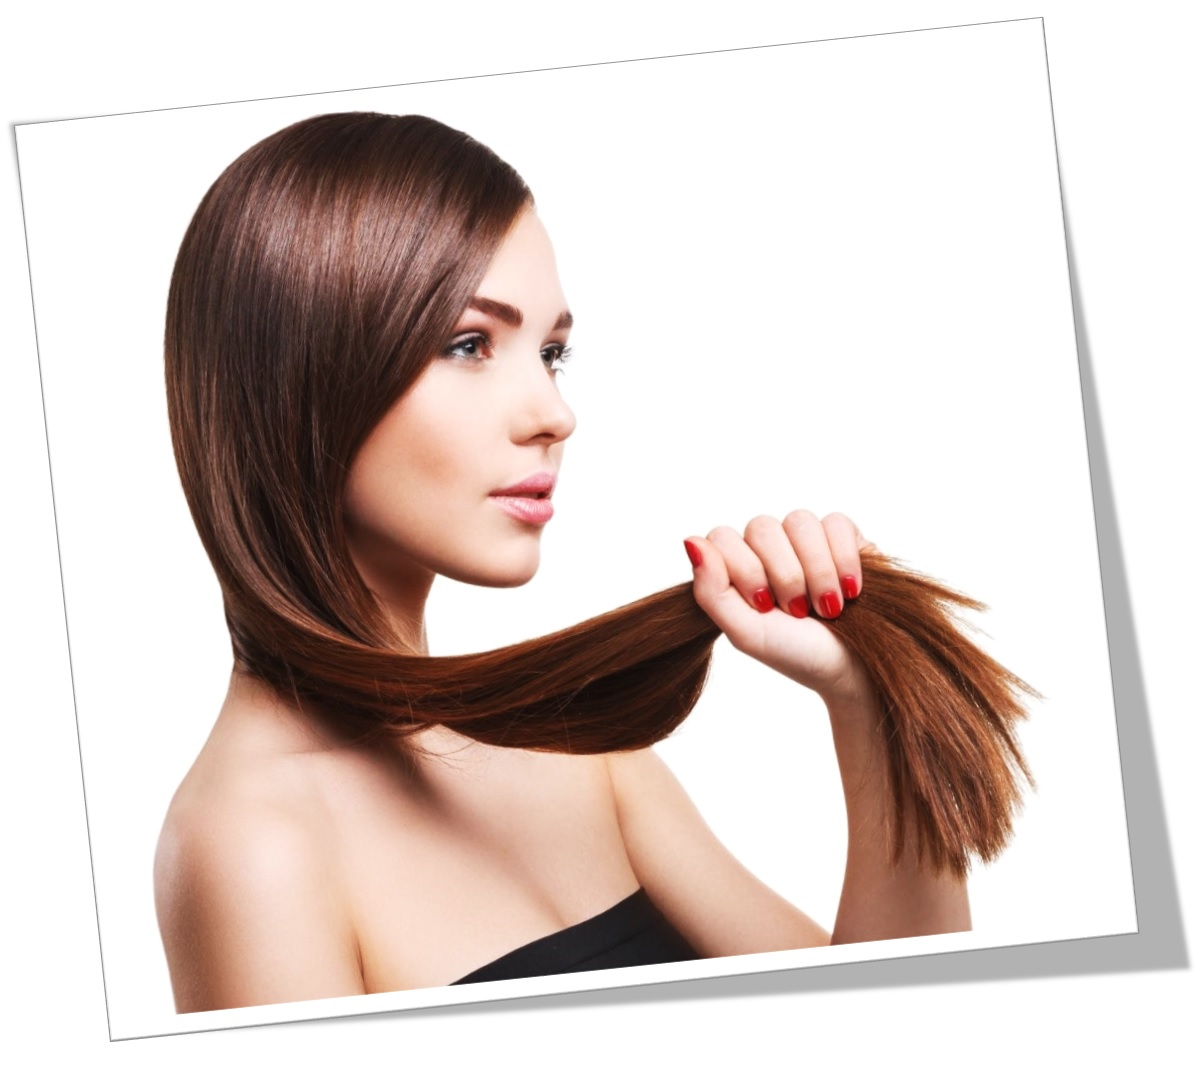 Aceite vitamina E y F crecimiento barba y cabello vitaoil Chile